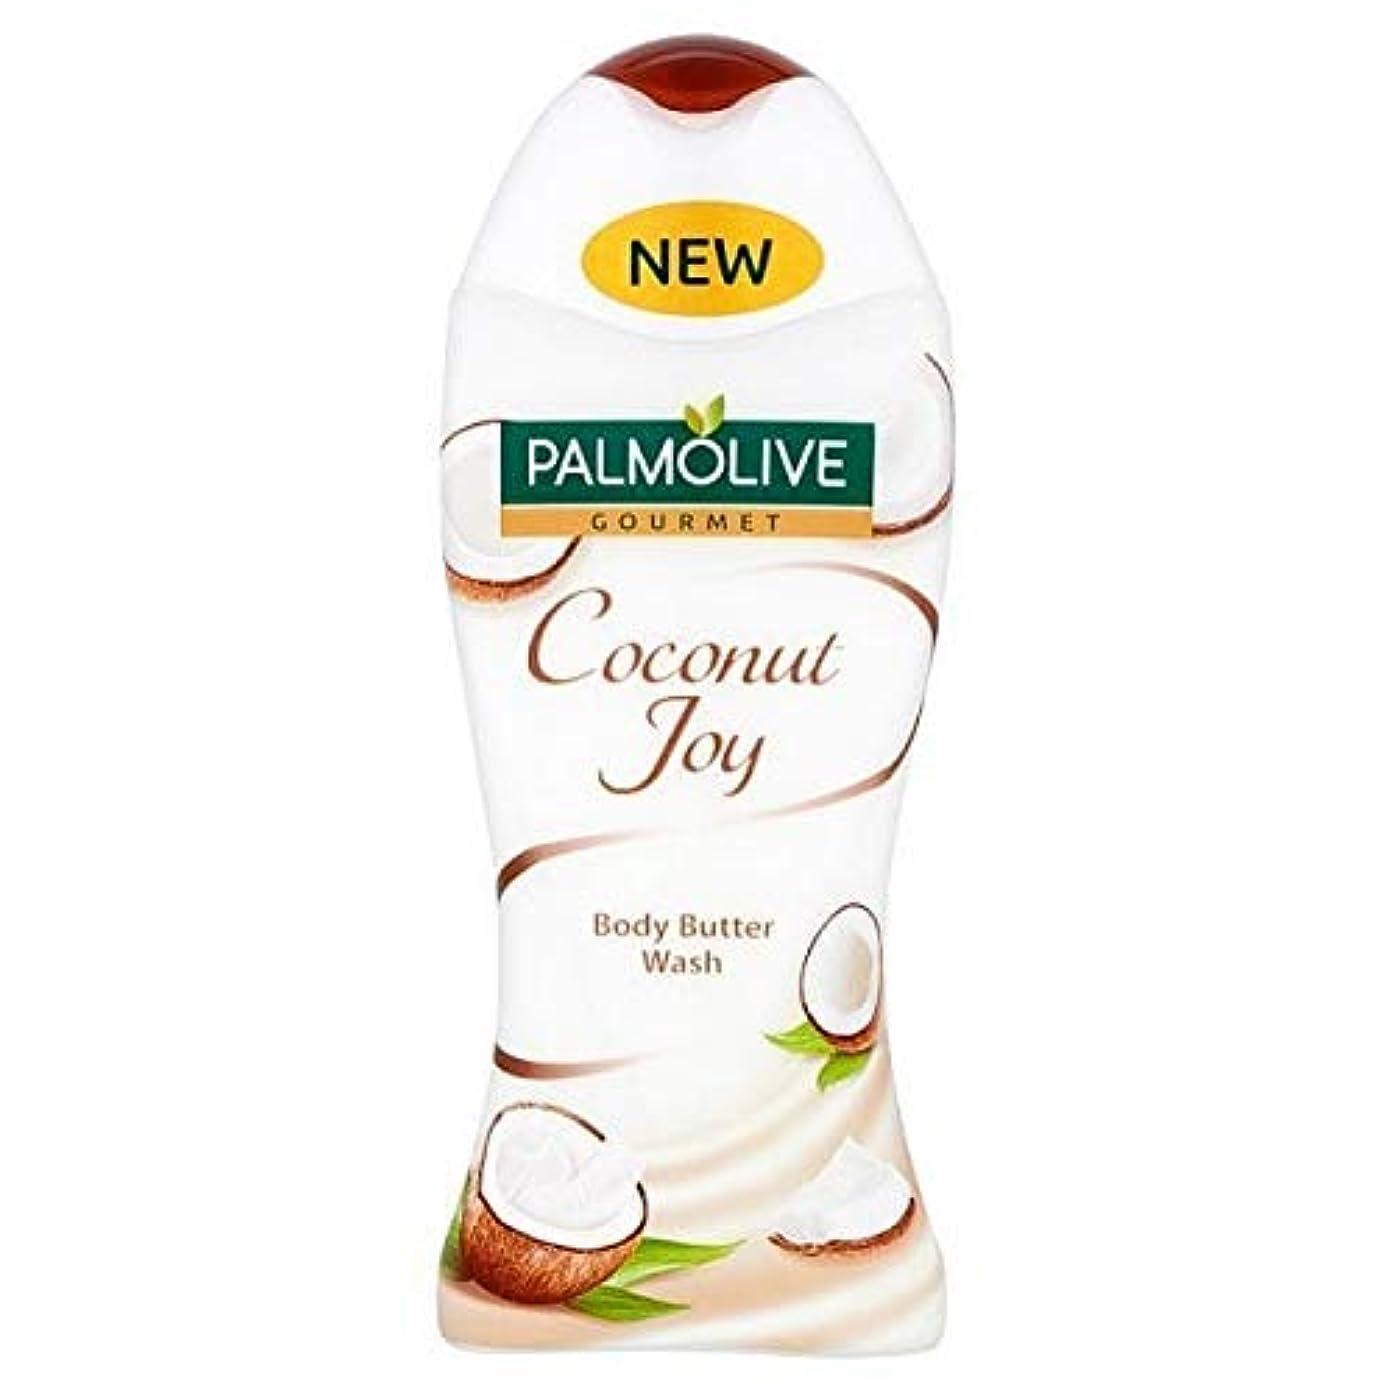 技術的なデンプシー暗殺する[Palmolive ] パルモグルメココナッツシャワージェル250ミリリットル - Palmolive Gourmet Coconut Shower Gel 250ml [並行輸入品]